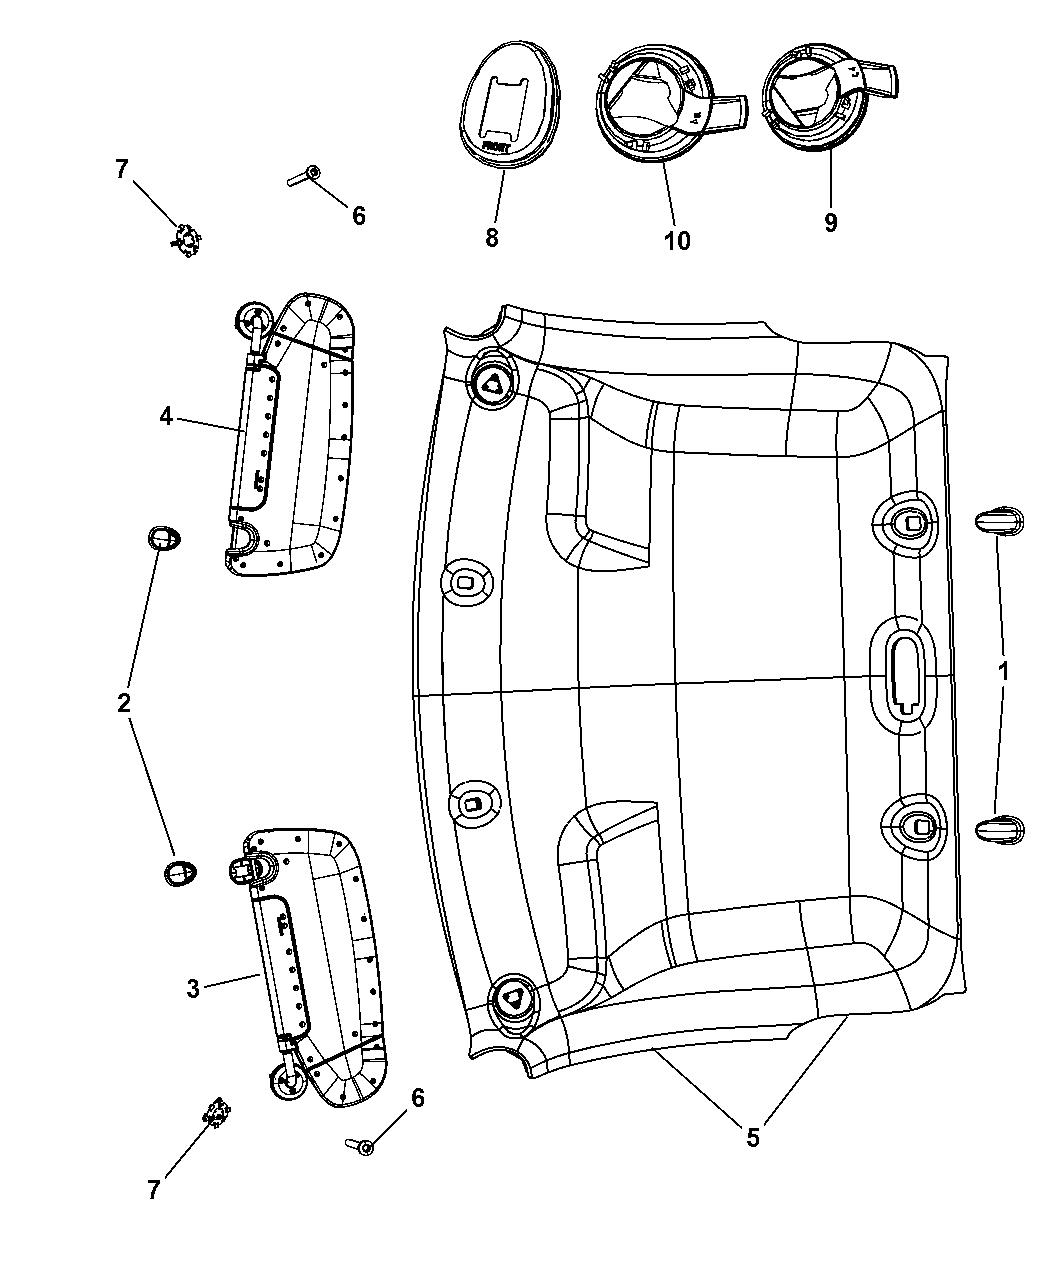 5hg29zj8ac